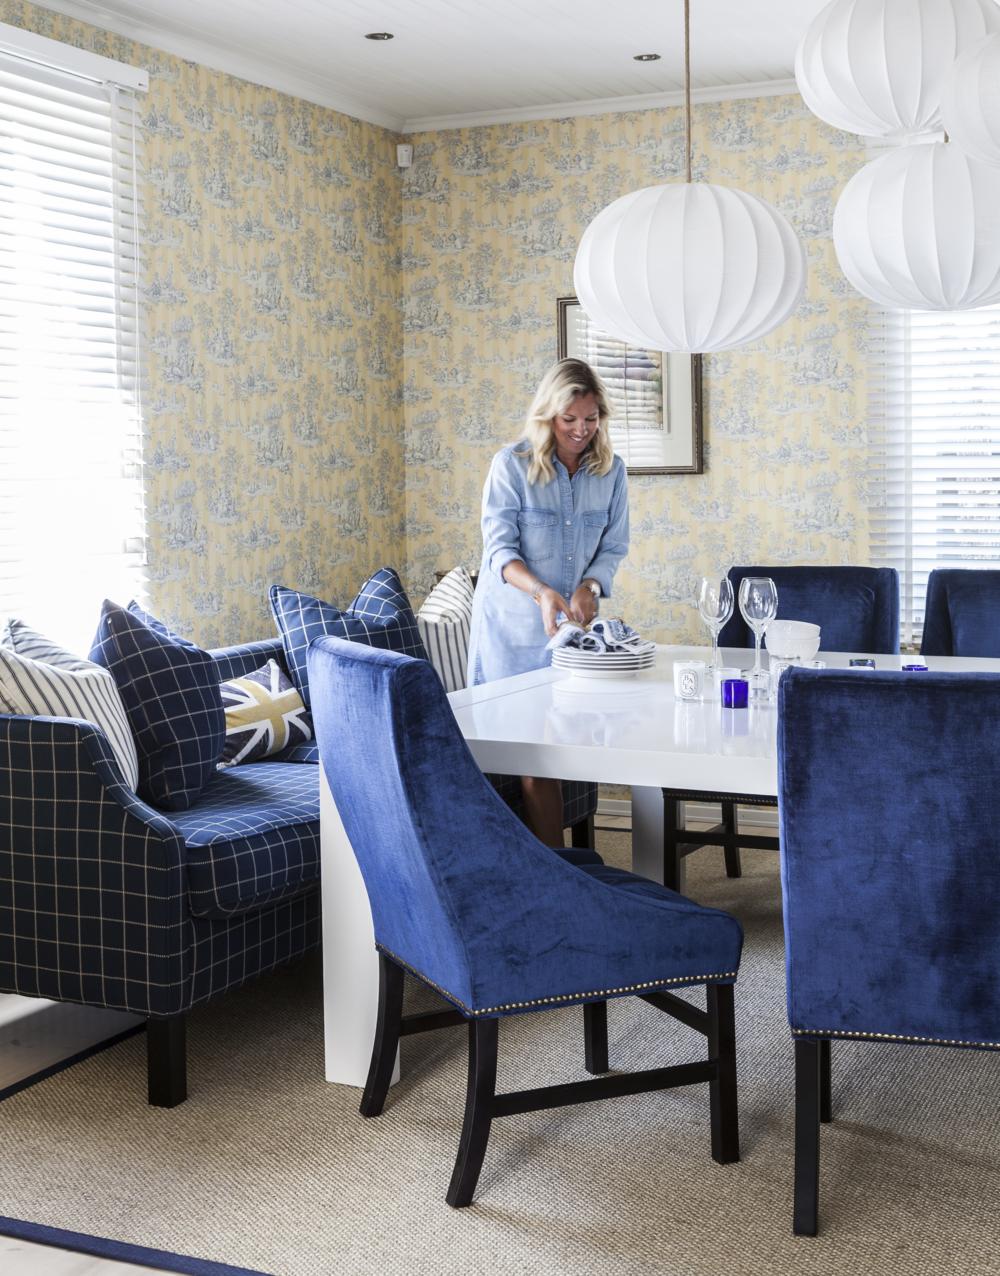 Ruokasalin lamput ovat Cobellosta ja leveät sinisellä sametilla päällystetyt tuolit Hanna teetätti Dubaissa. Sininen sävy antaa klassikkotuolille modernin ilmeen.